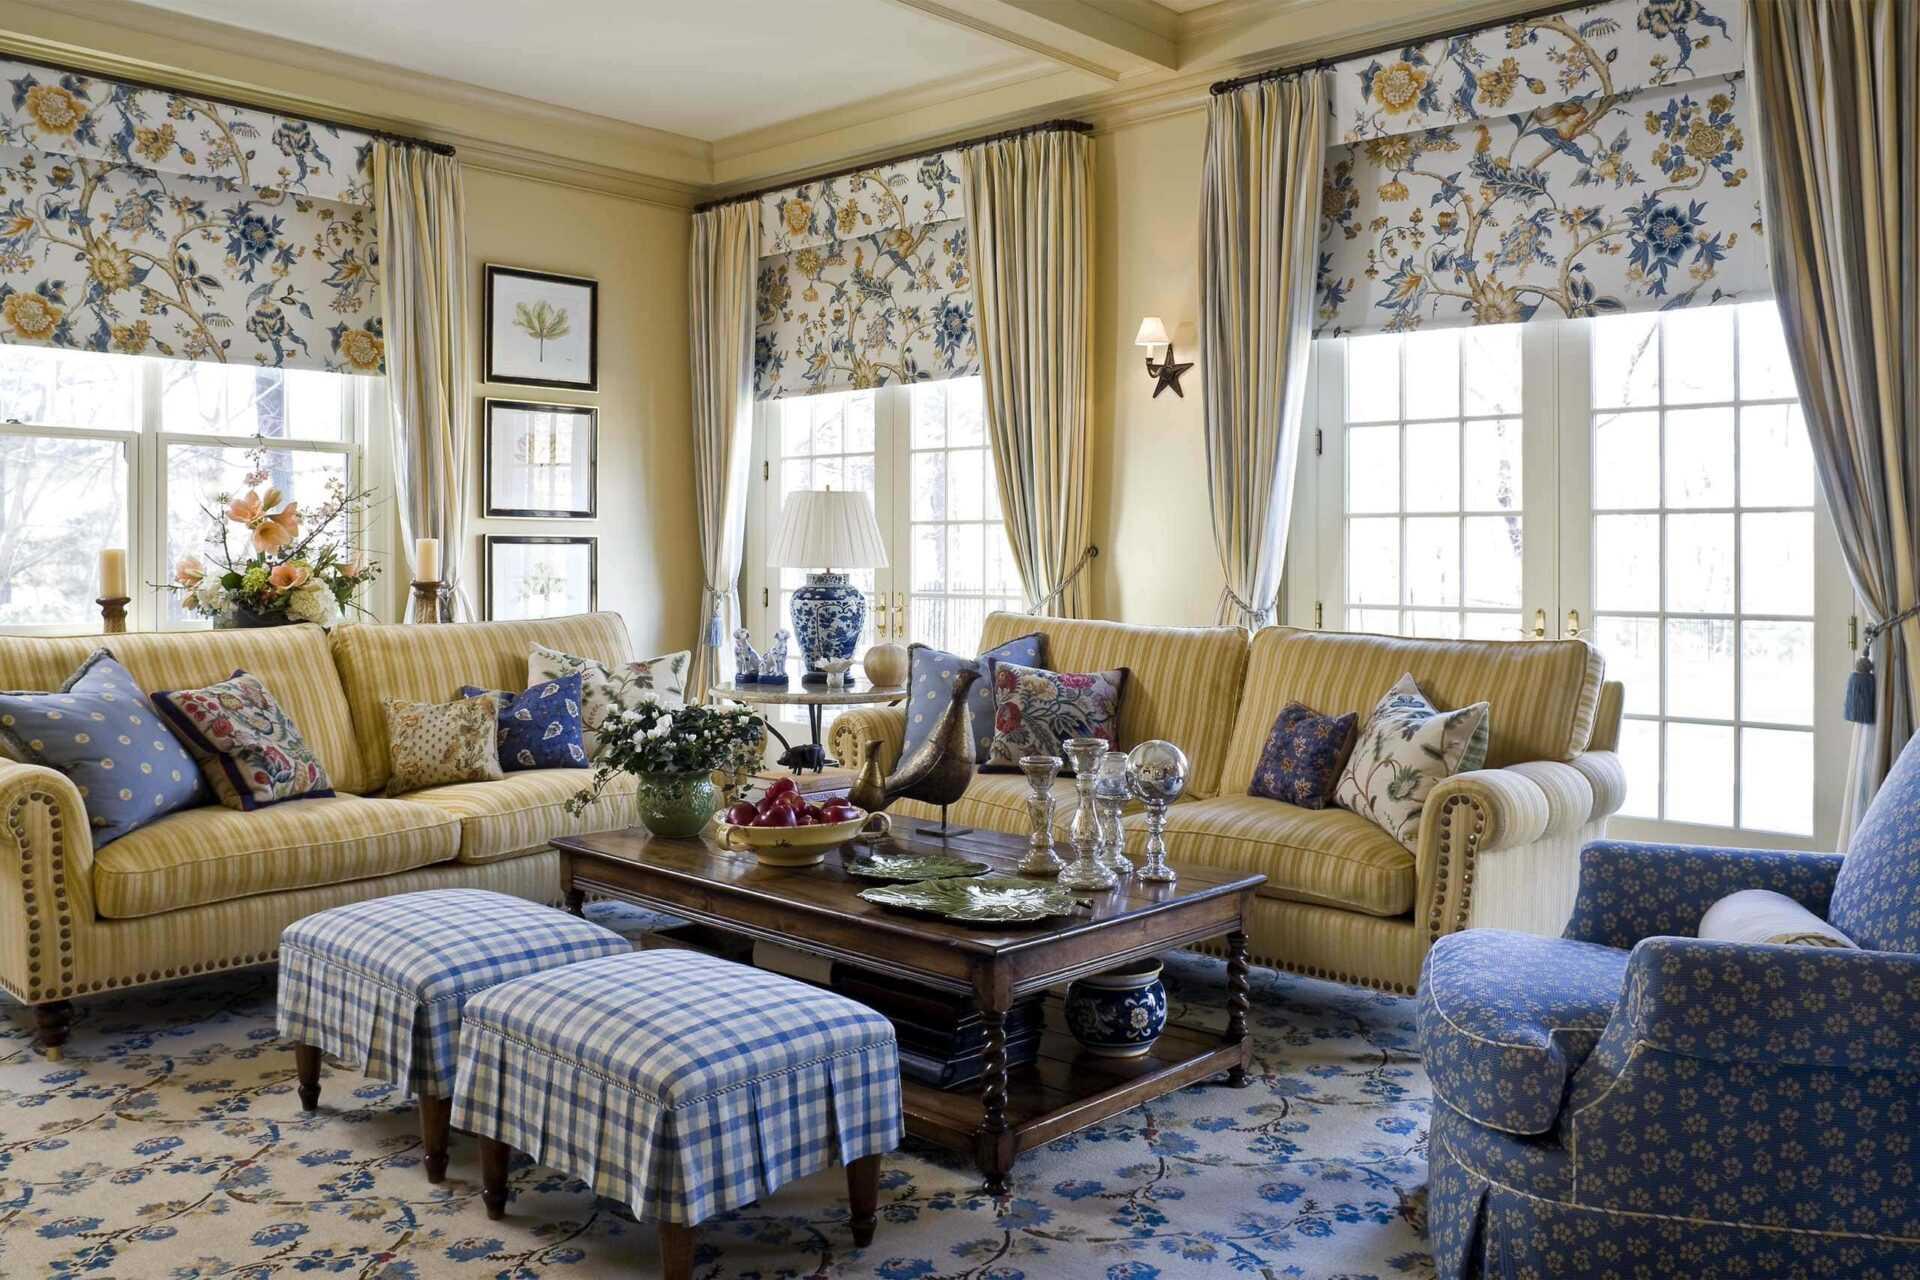 living-room-4-lauren-ostrow-interior-design-inc-img_d3b1a0040e43f87d_14-5589-1-af579e9